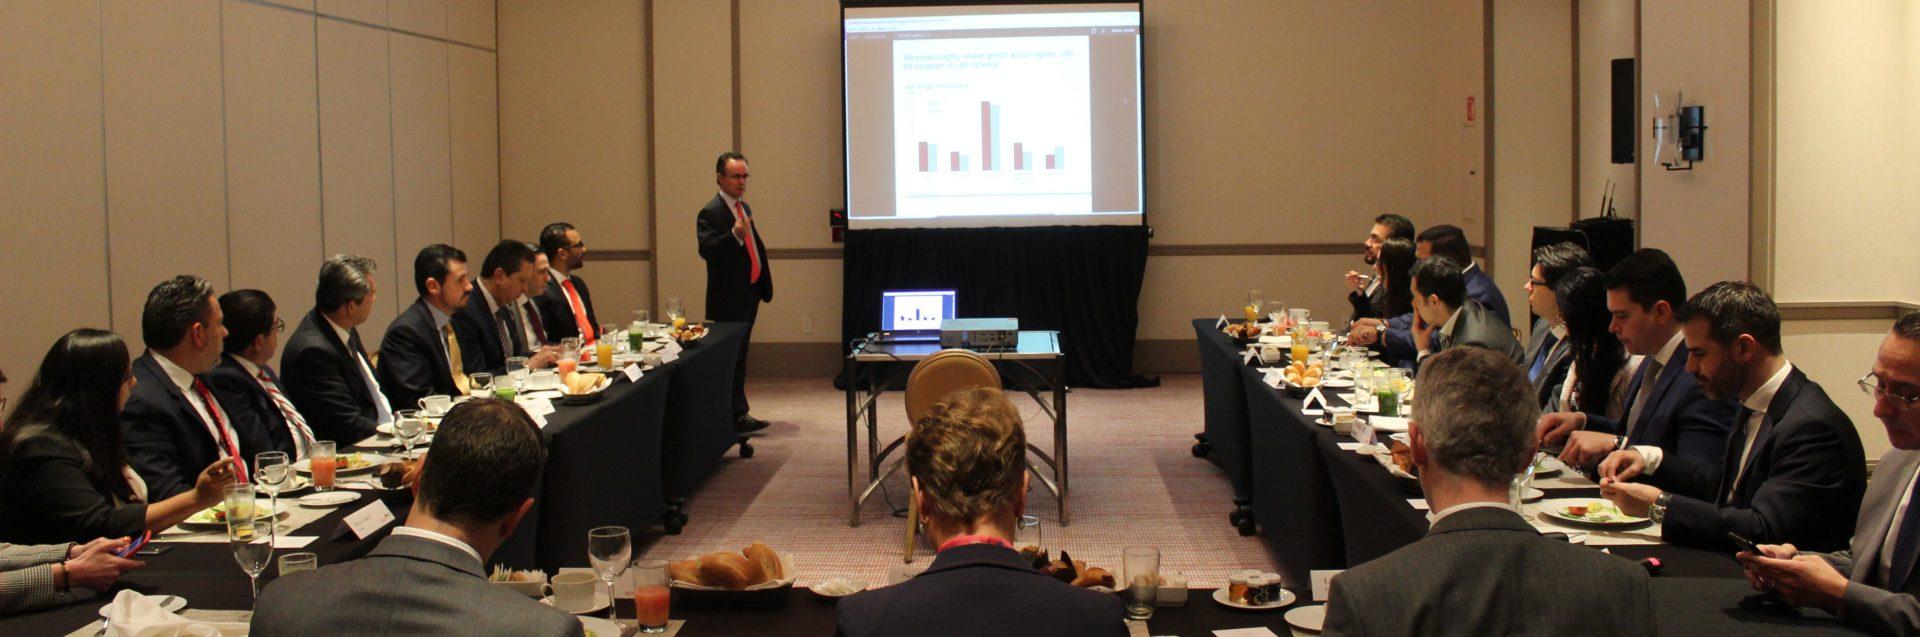 Desayuno-Conferencia: Pronósticos Económicos para México en 2019